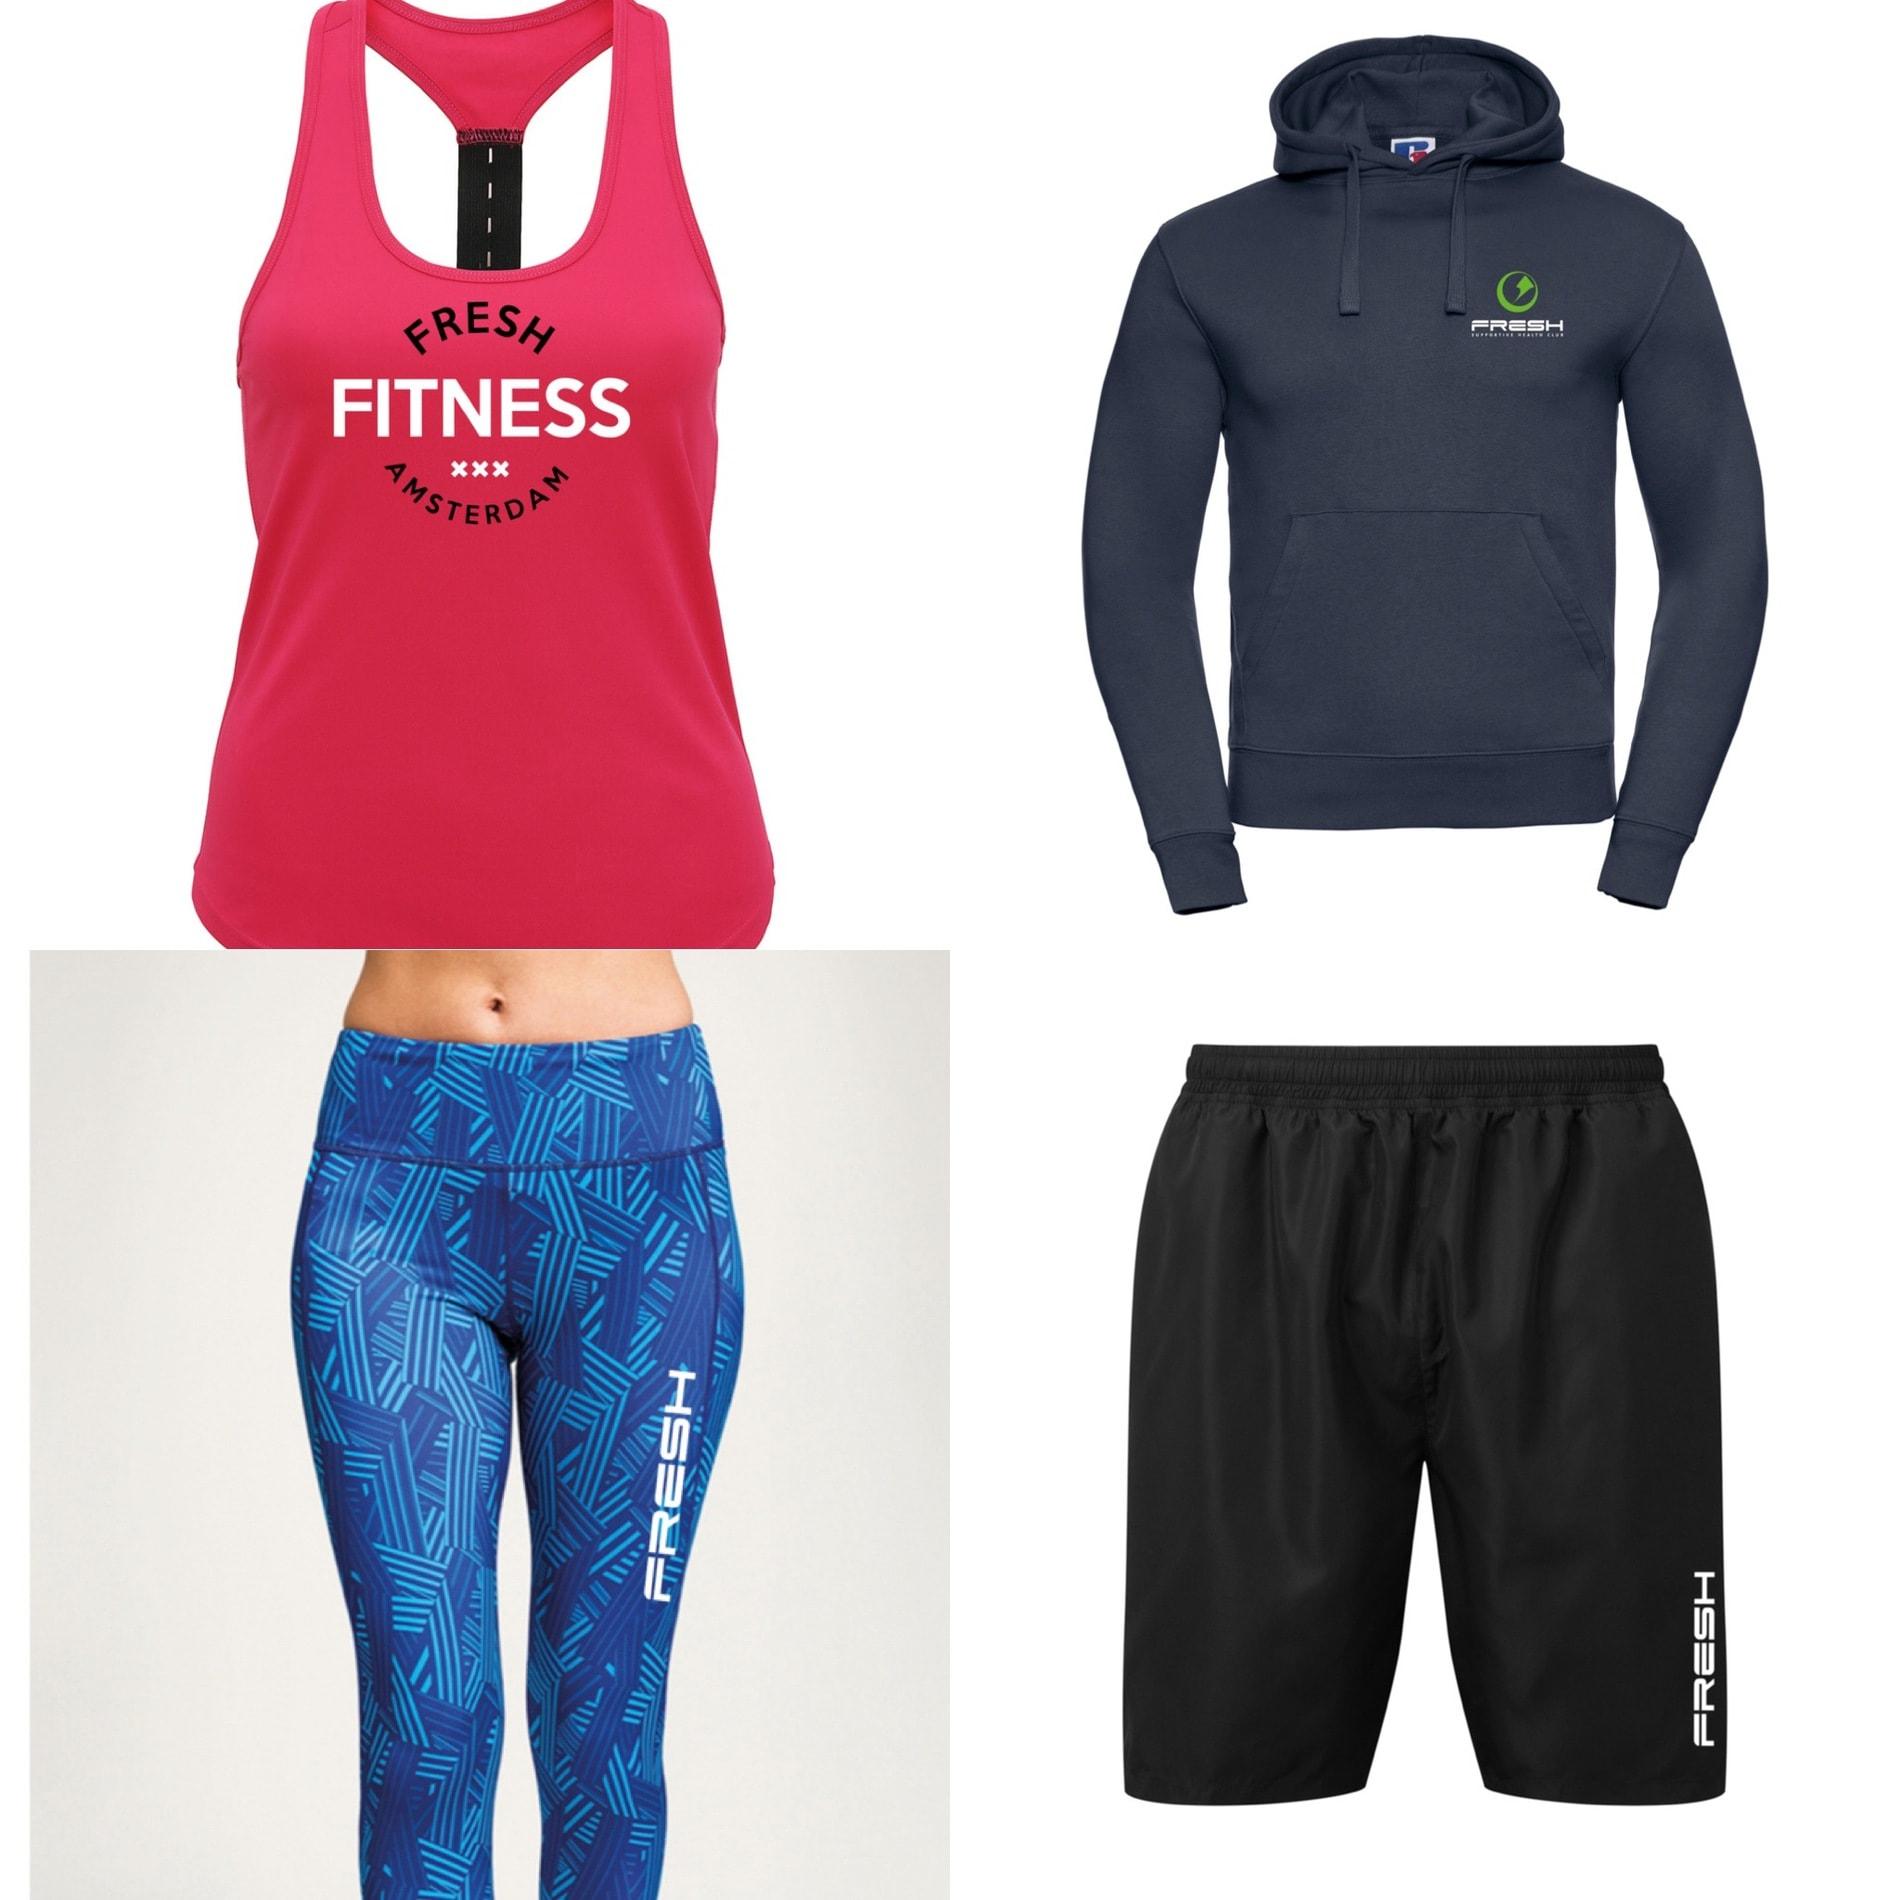 Sportkleding Fresh Fitness